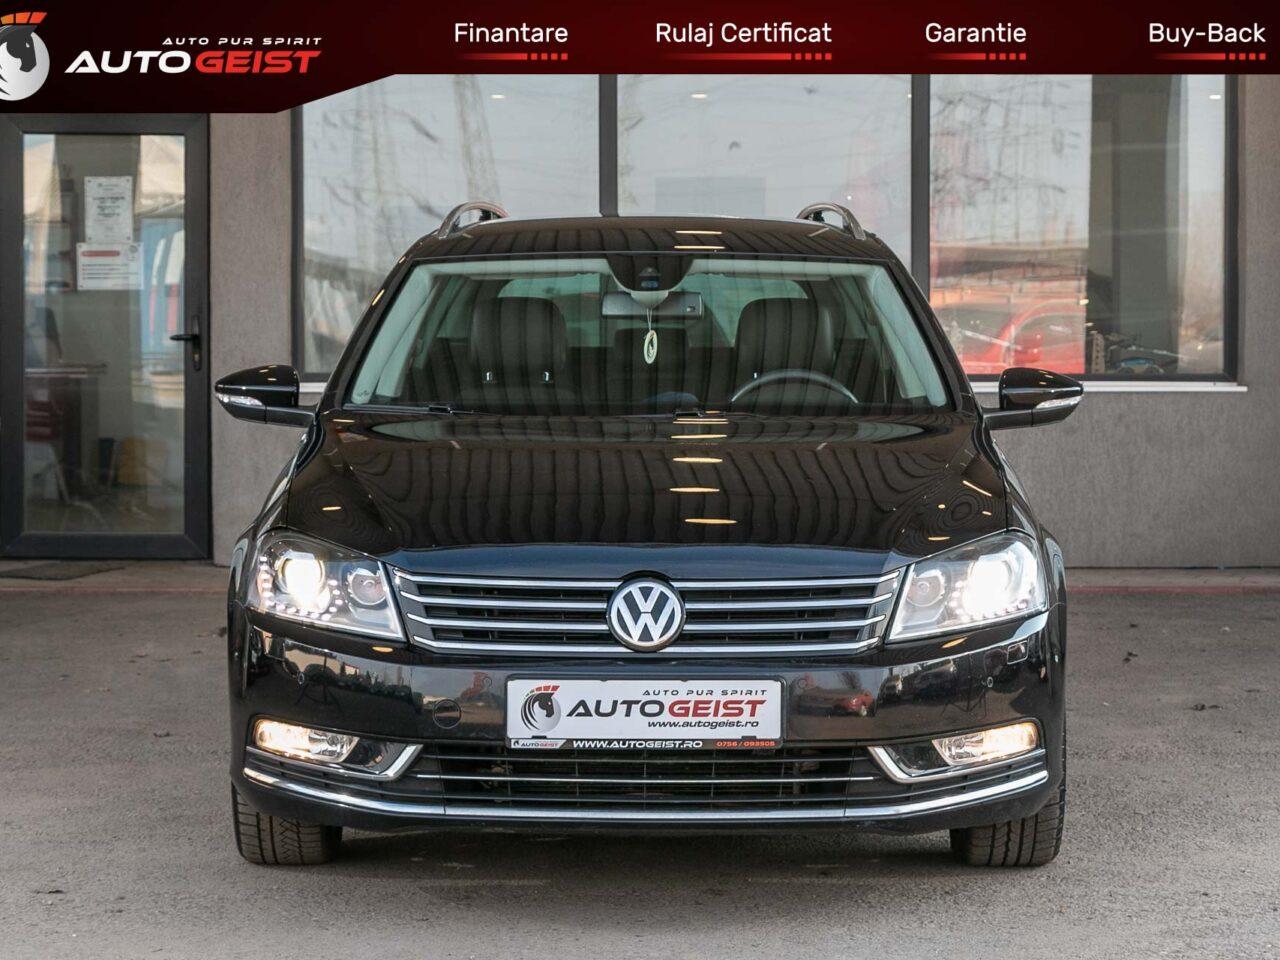 VW-PASSAT-B7-webasto-piele-negru-3669